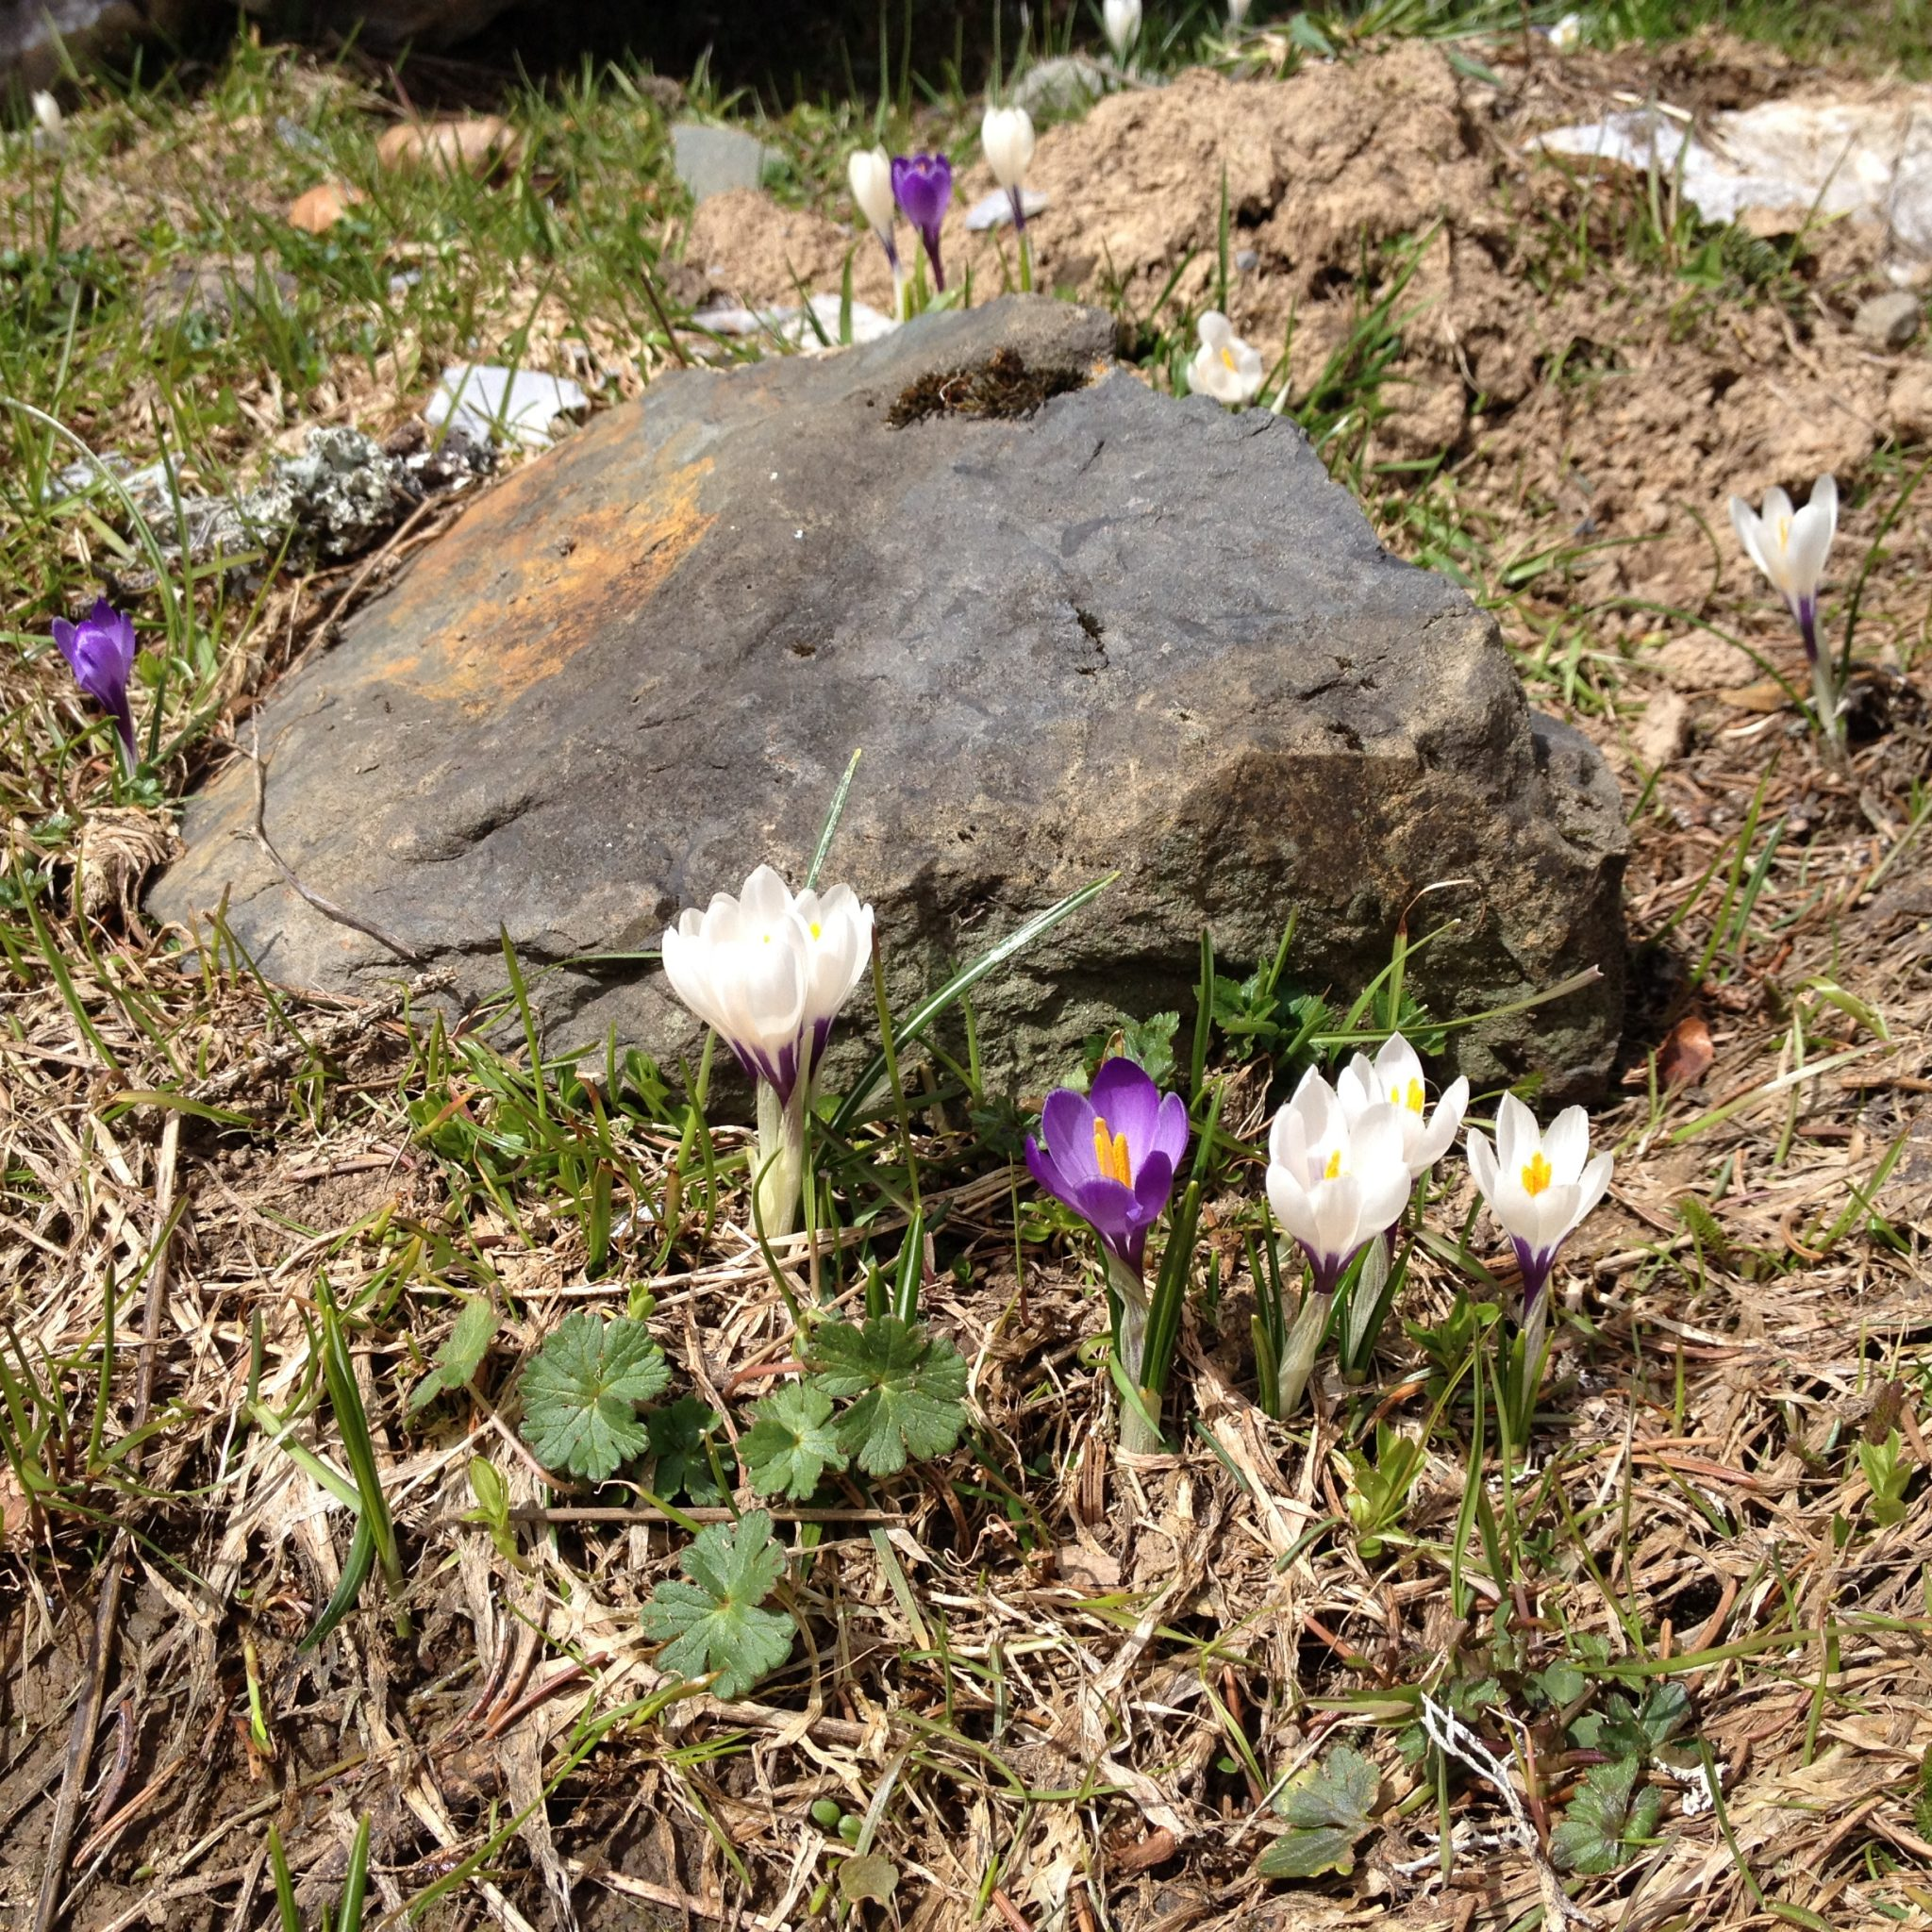 printemps-crocus-la-clusaz-balme-pistes-fonte-neige